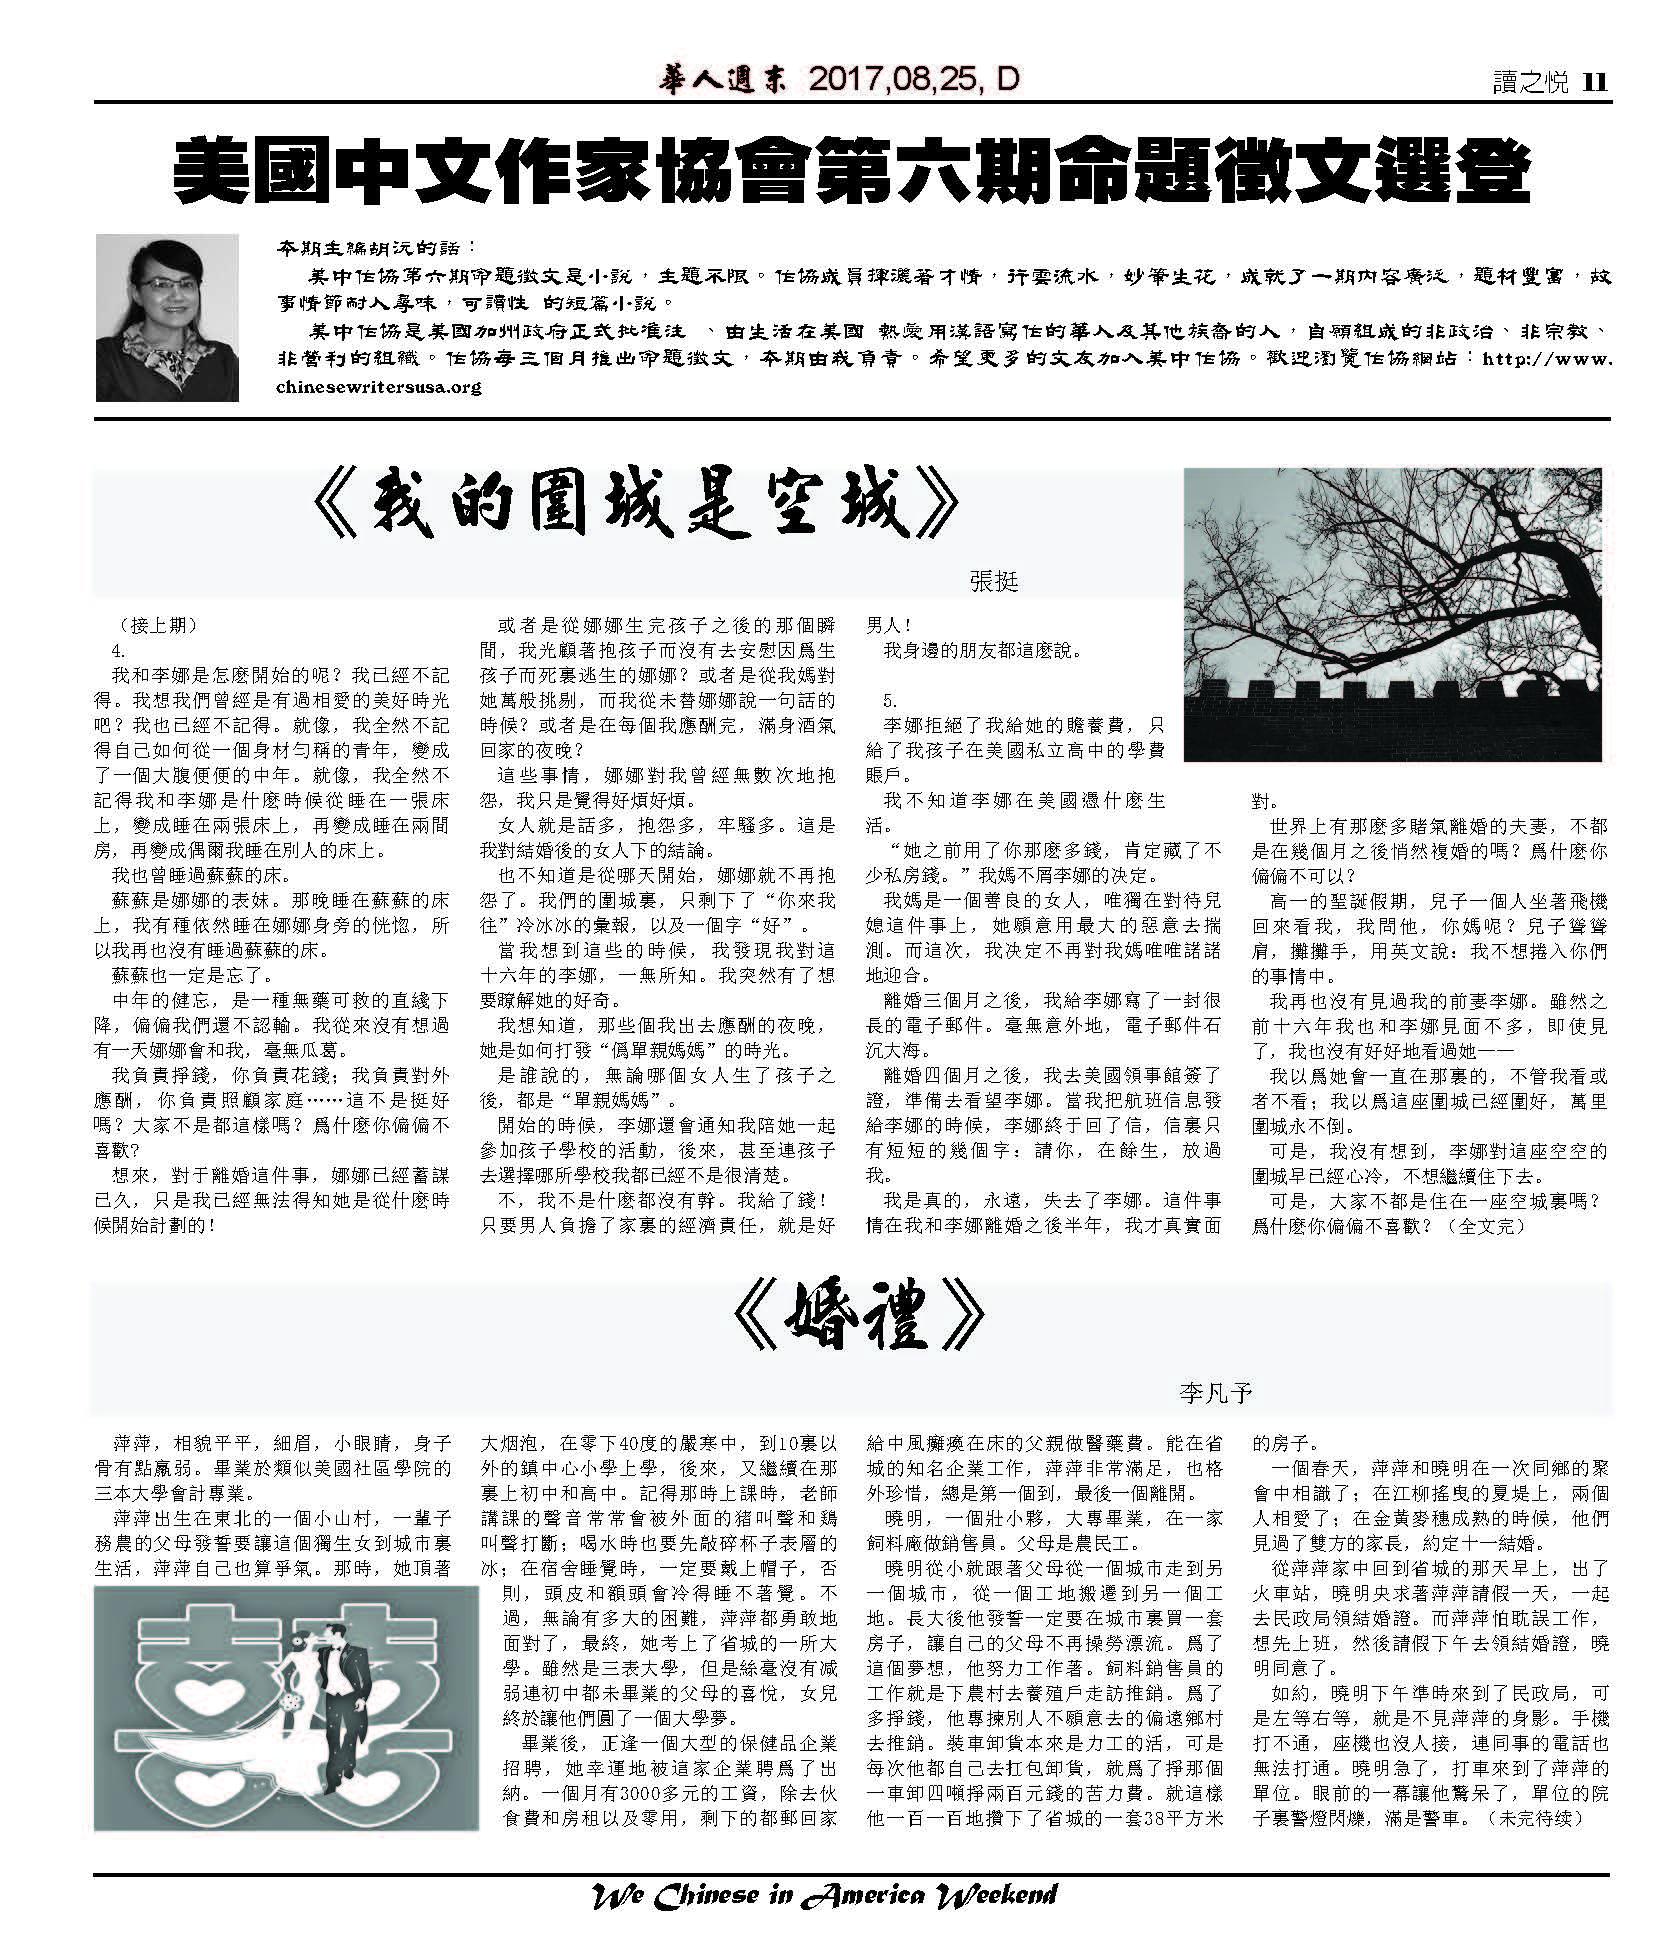 image 《华人周末》美中作协第六期征文( 短篇小说)连载 8.jpg